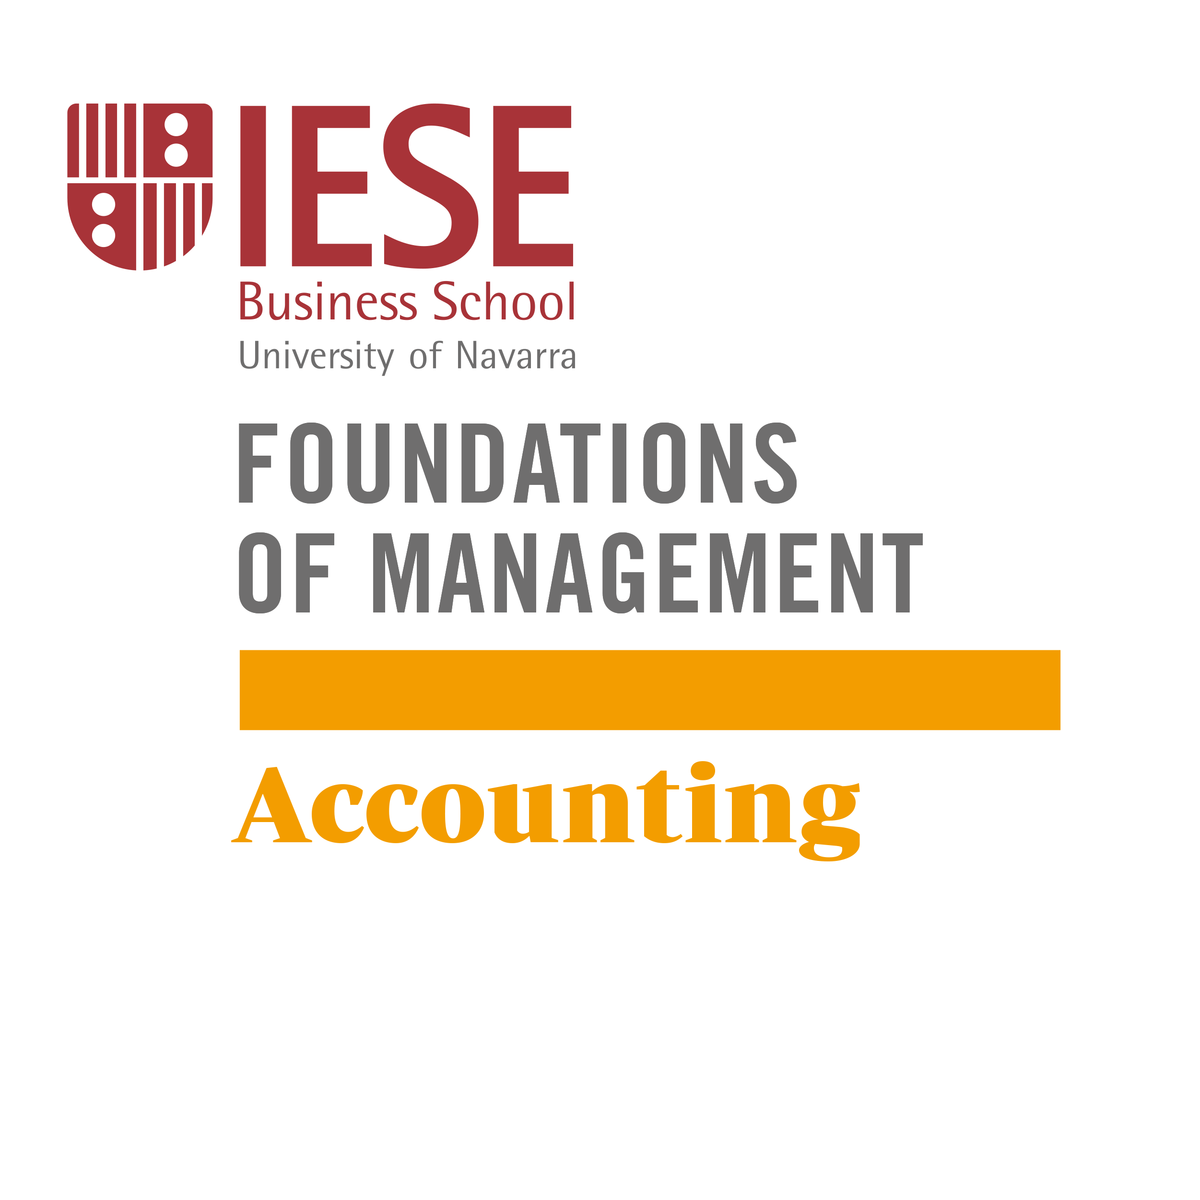 Accounting: Principles of Financial Accounting